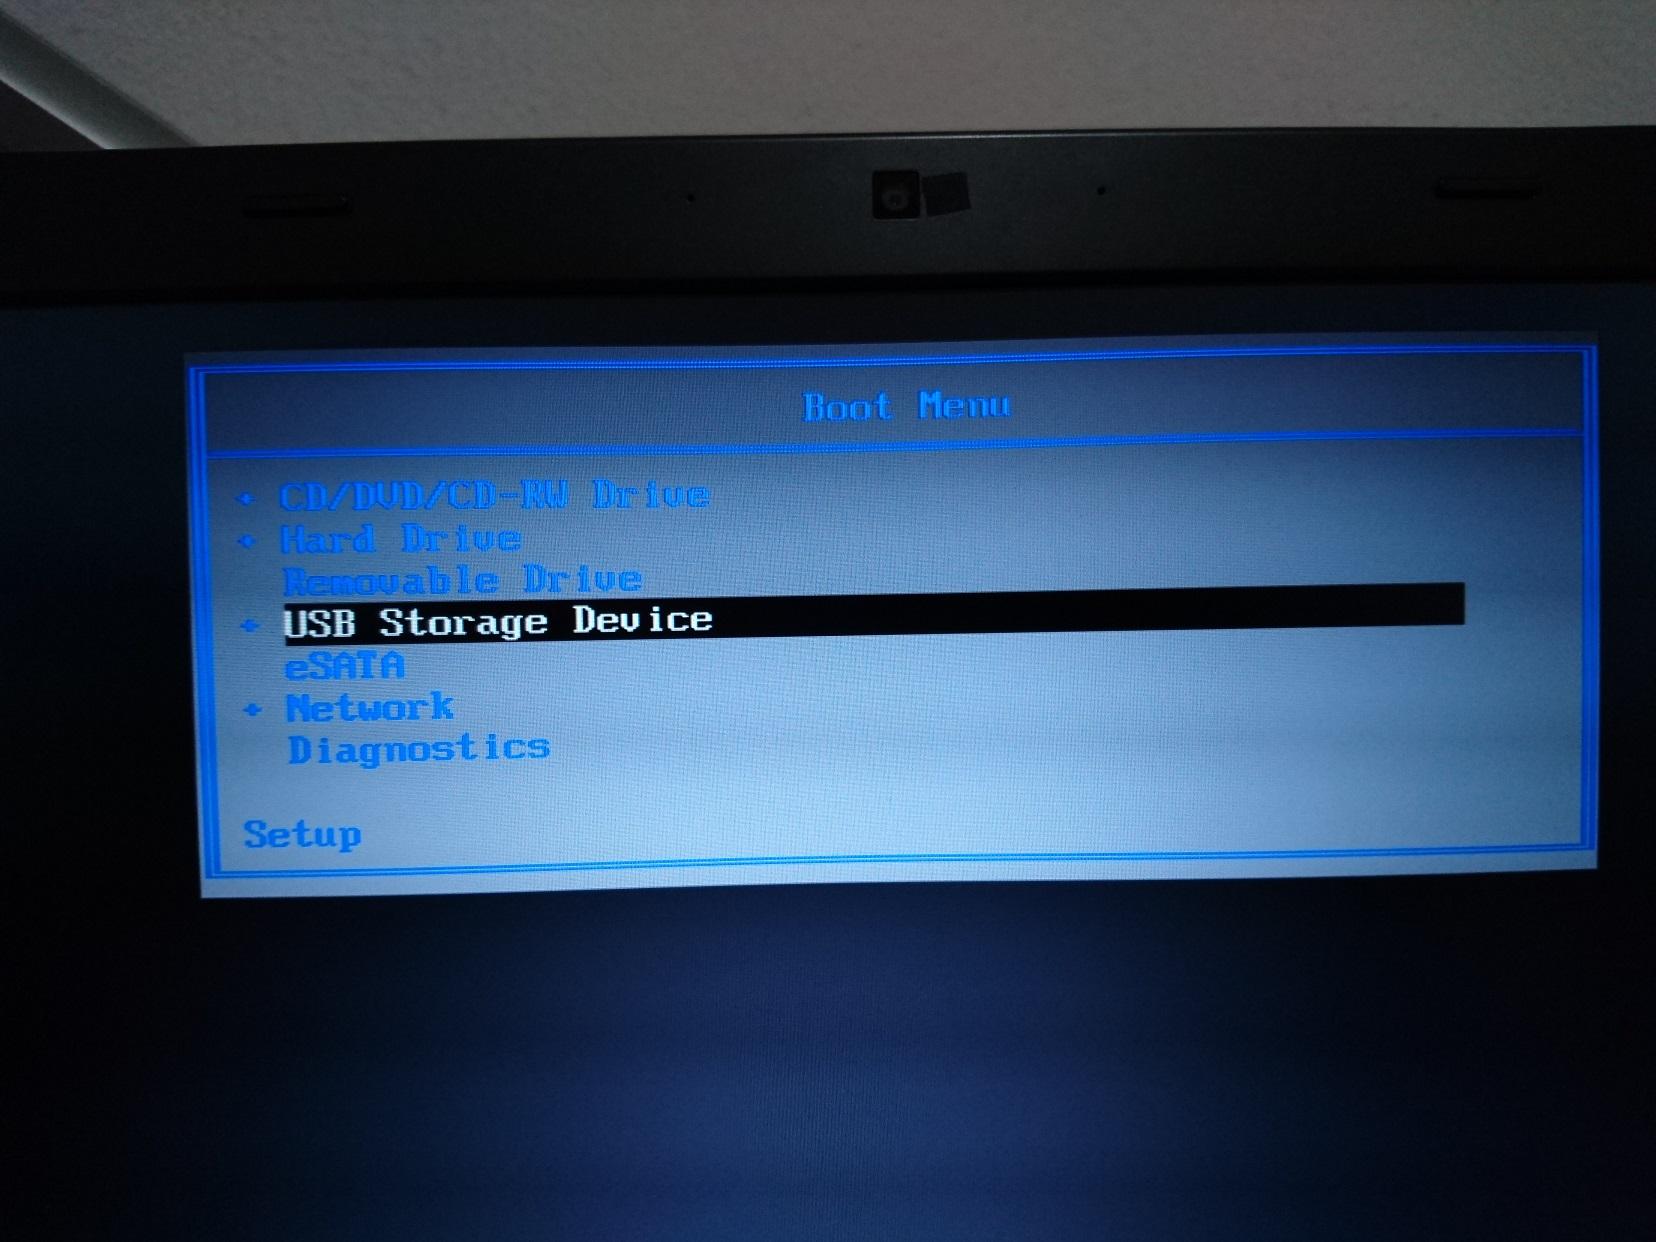 งง กับ Bios ของ Dell ครับ จะให้มัน Boot เข้า USB ได้ยังไง